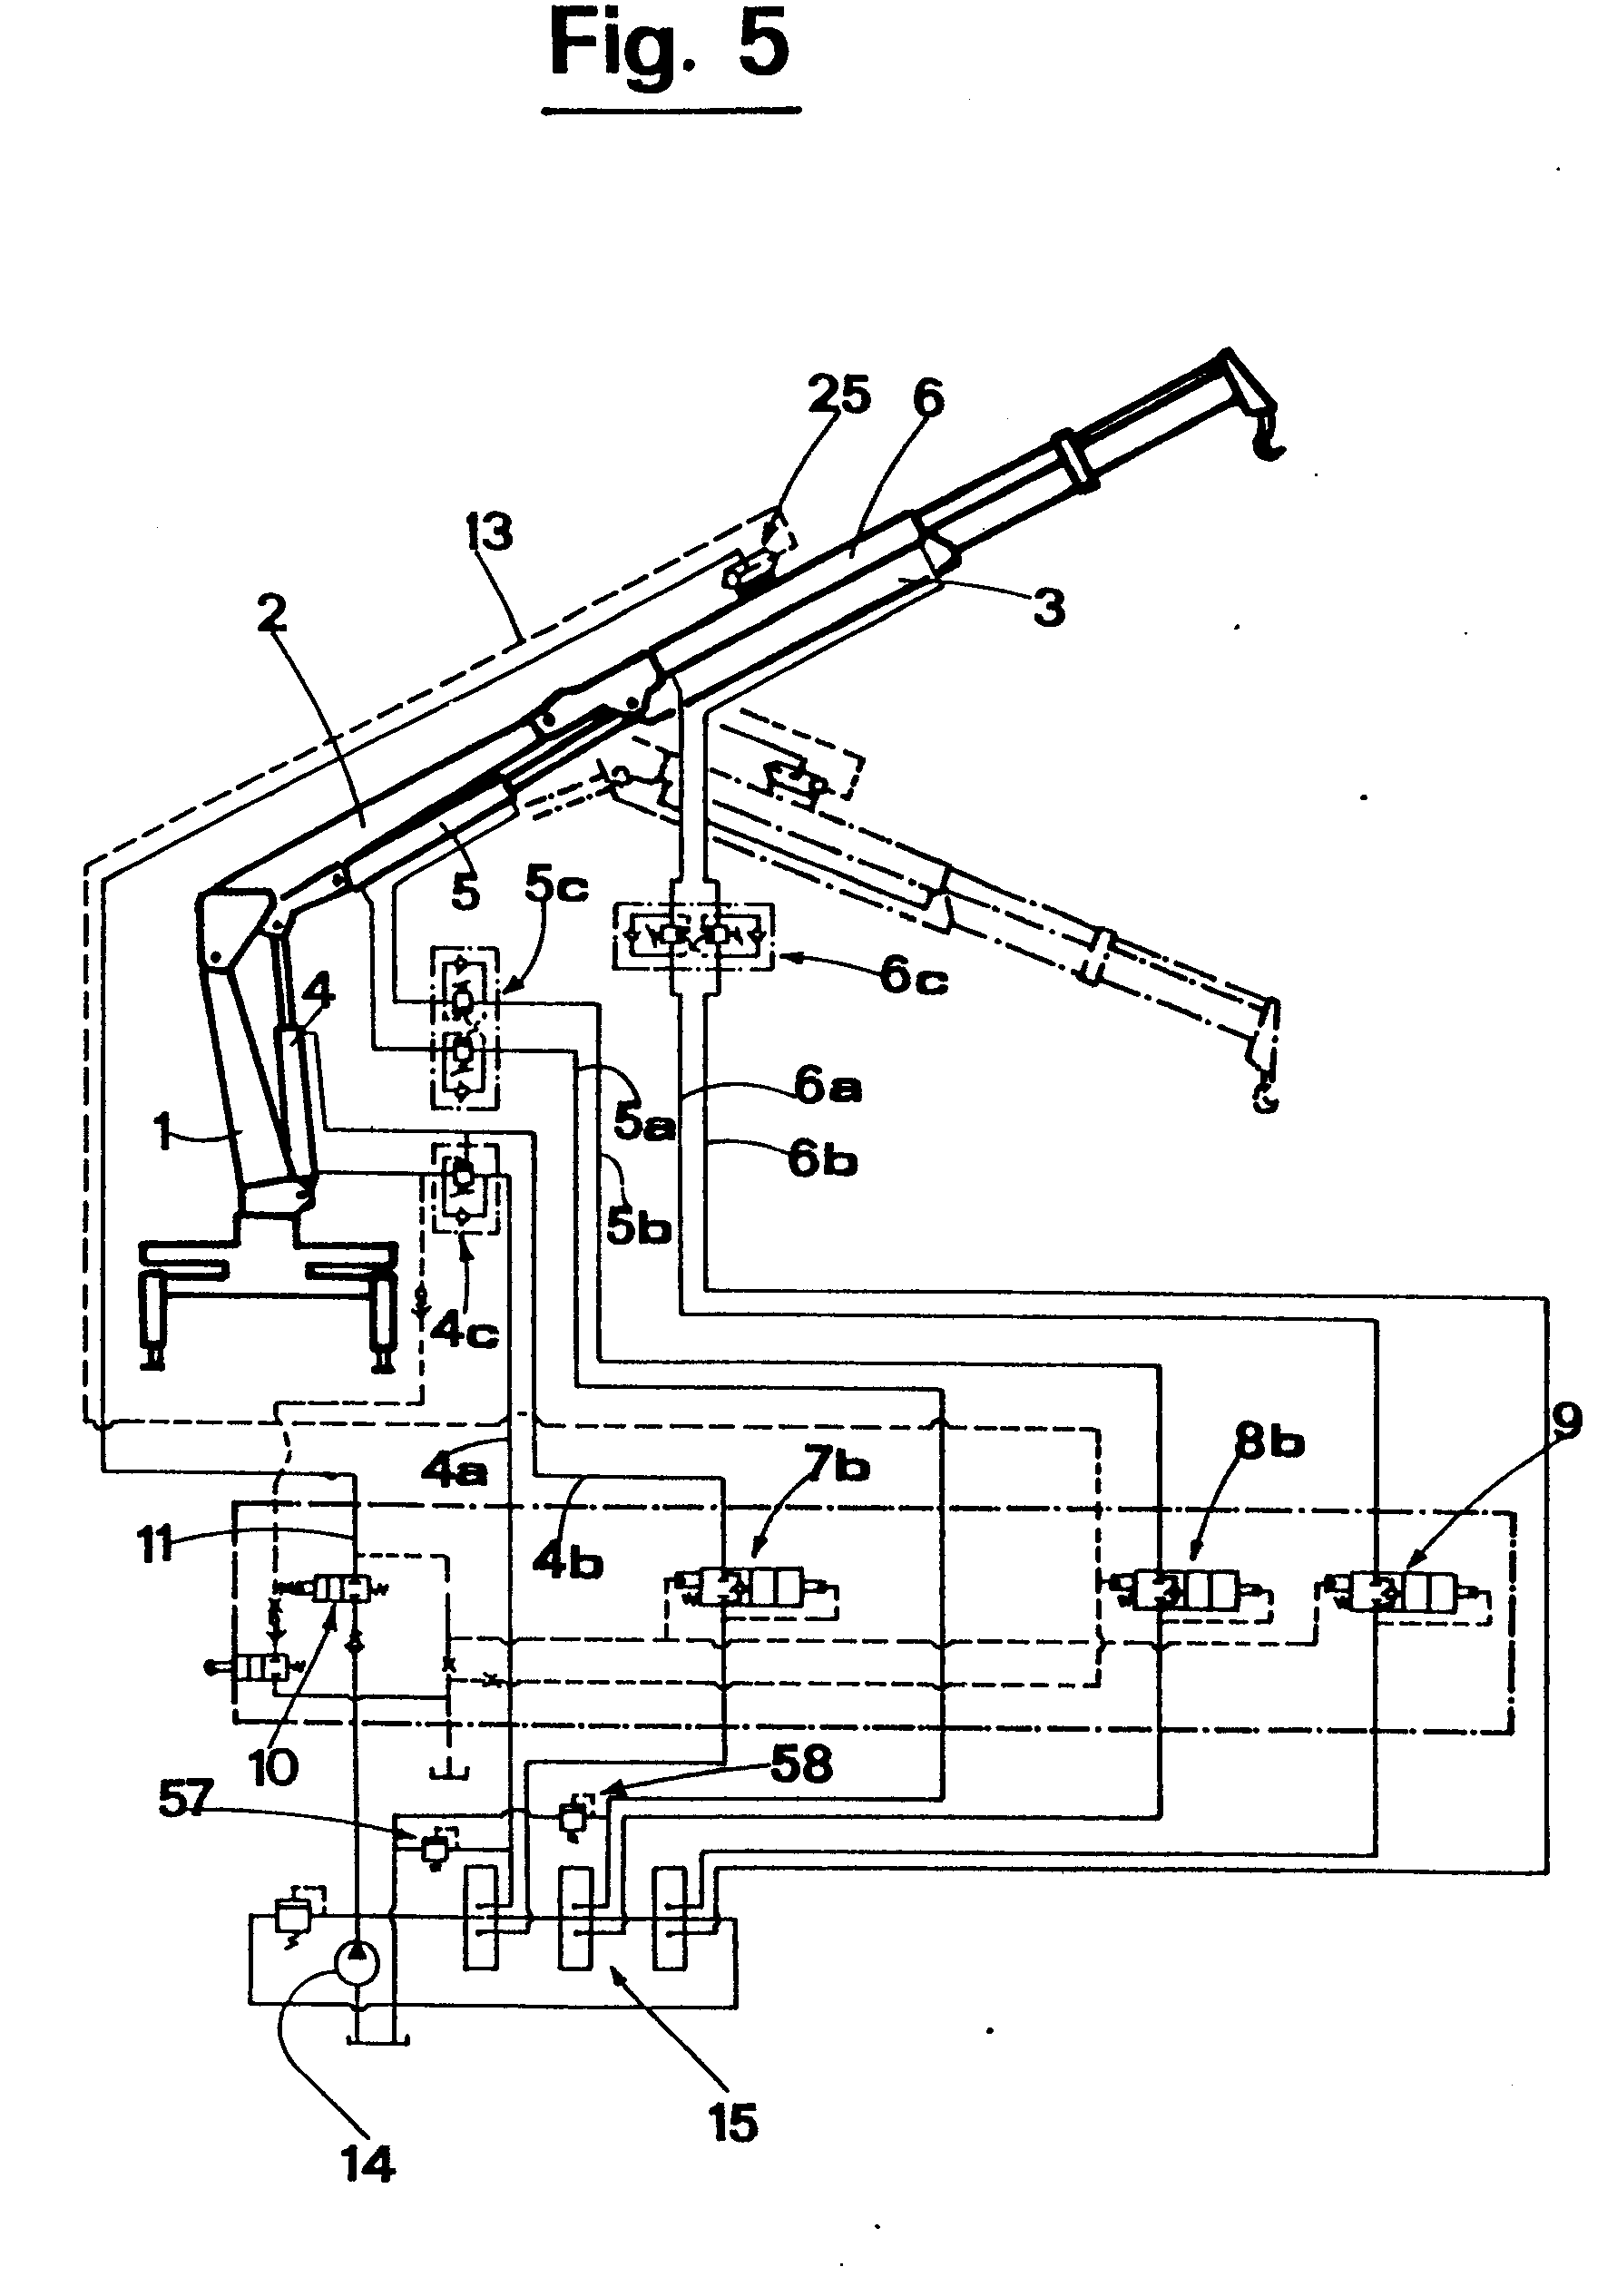 hydraulic crane diagram wiring diagram nav rh 7 sdfgqwrt ti oe de hydraulic crane circuit diagram kato crane hydraulic diagram